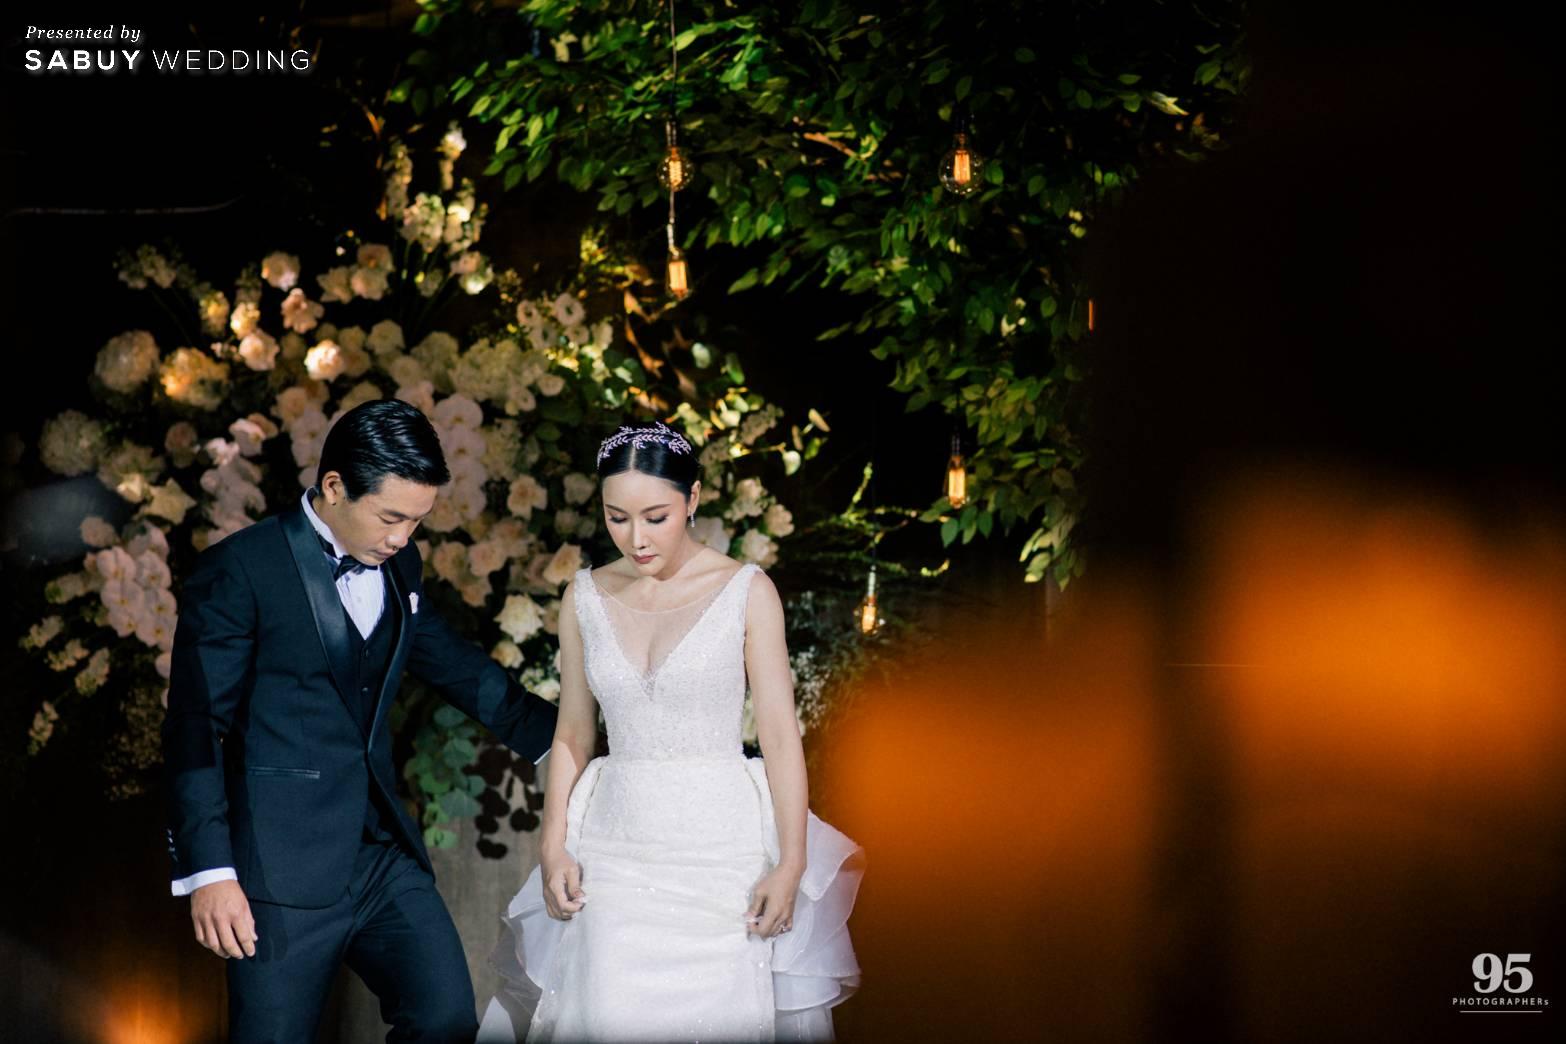 ชุดแต่งงาน,ชุดเจ้าสาว รีวิวงานแต่งธีมสวนเรียบโก้ สไตล์ Elegant greenery garden @ Sheraton Grande Sukhumvit